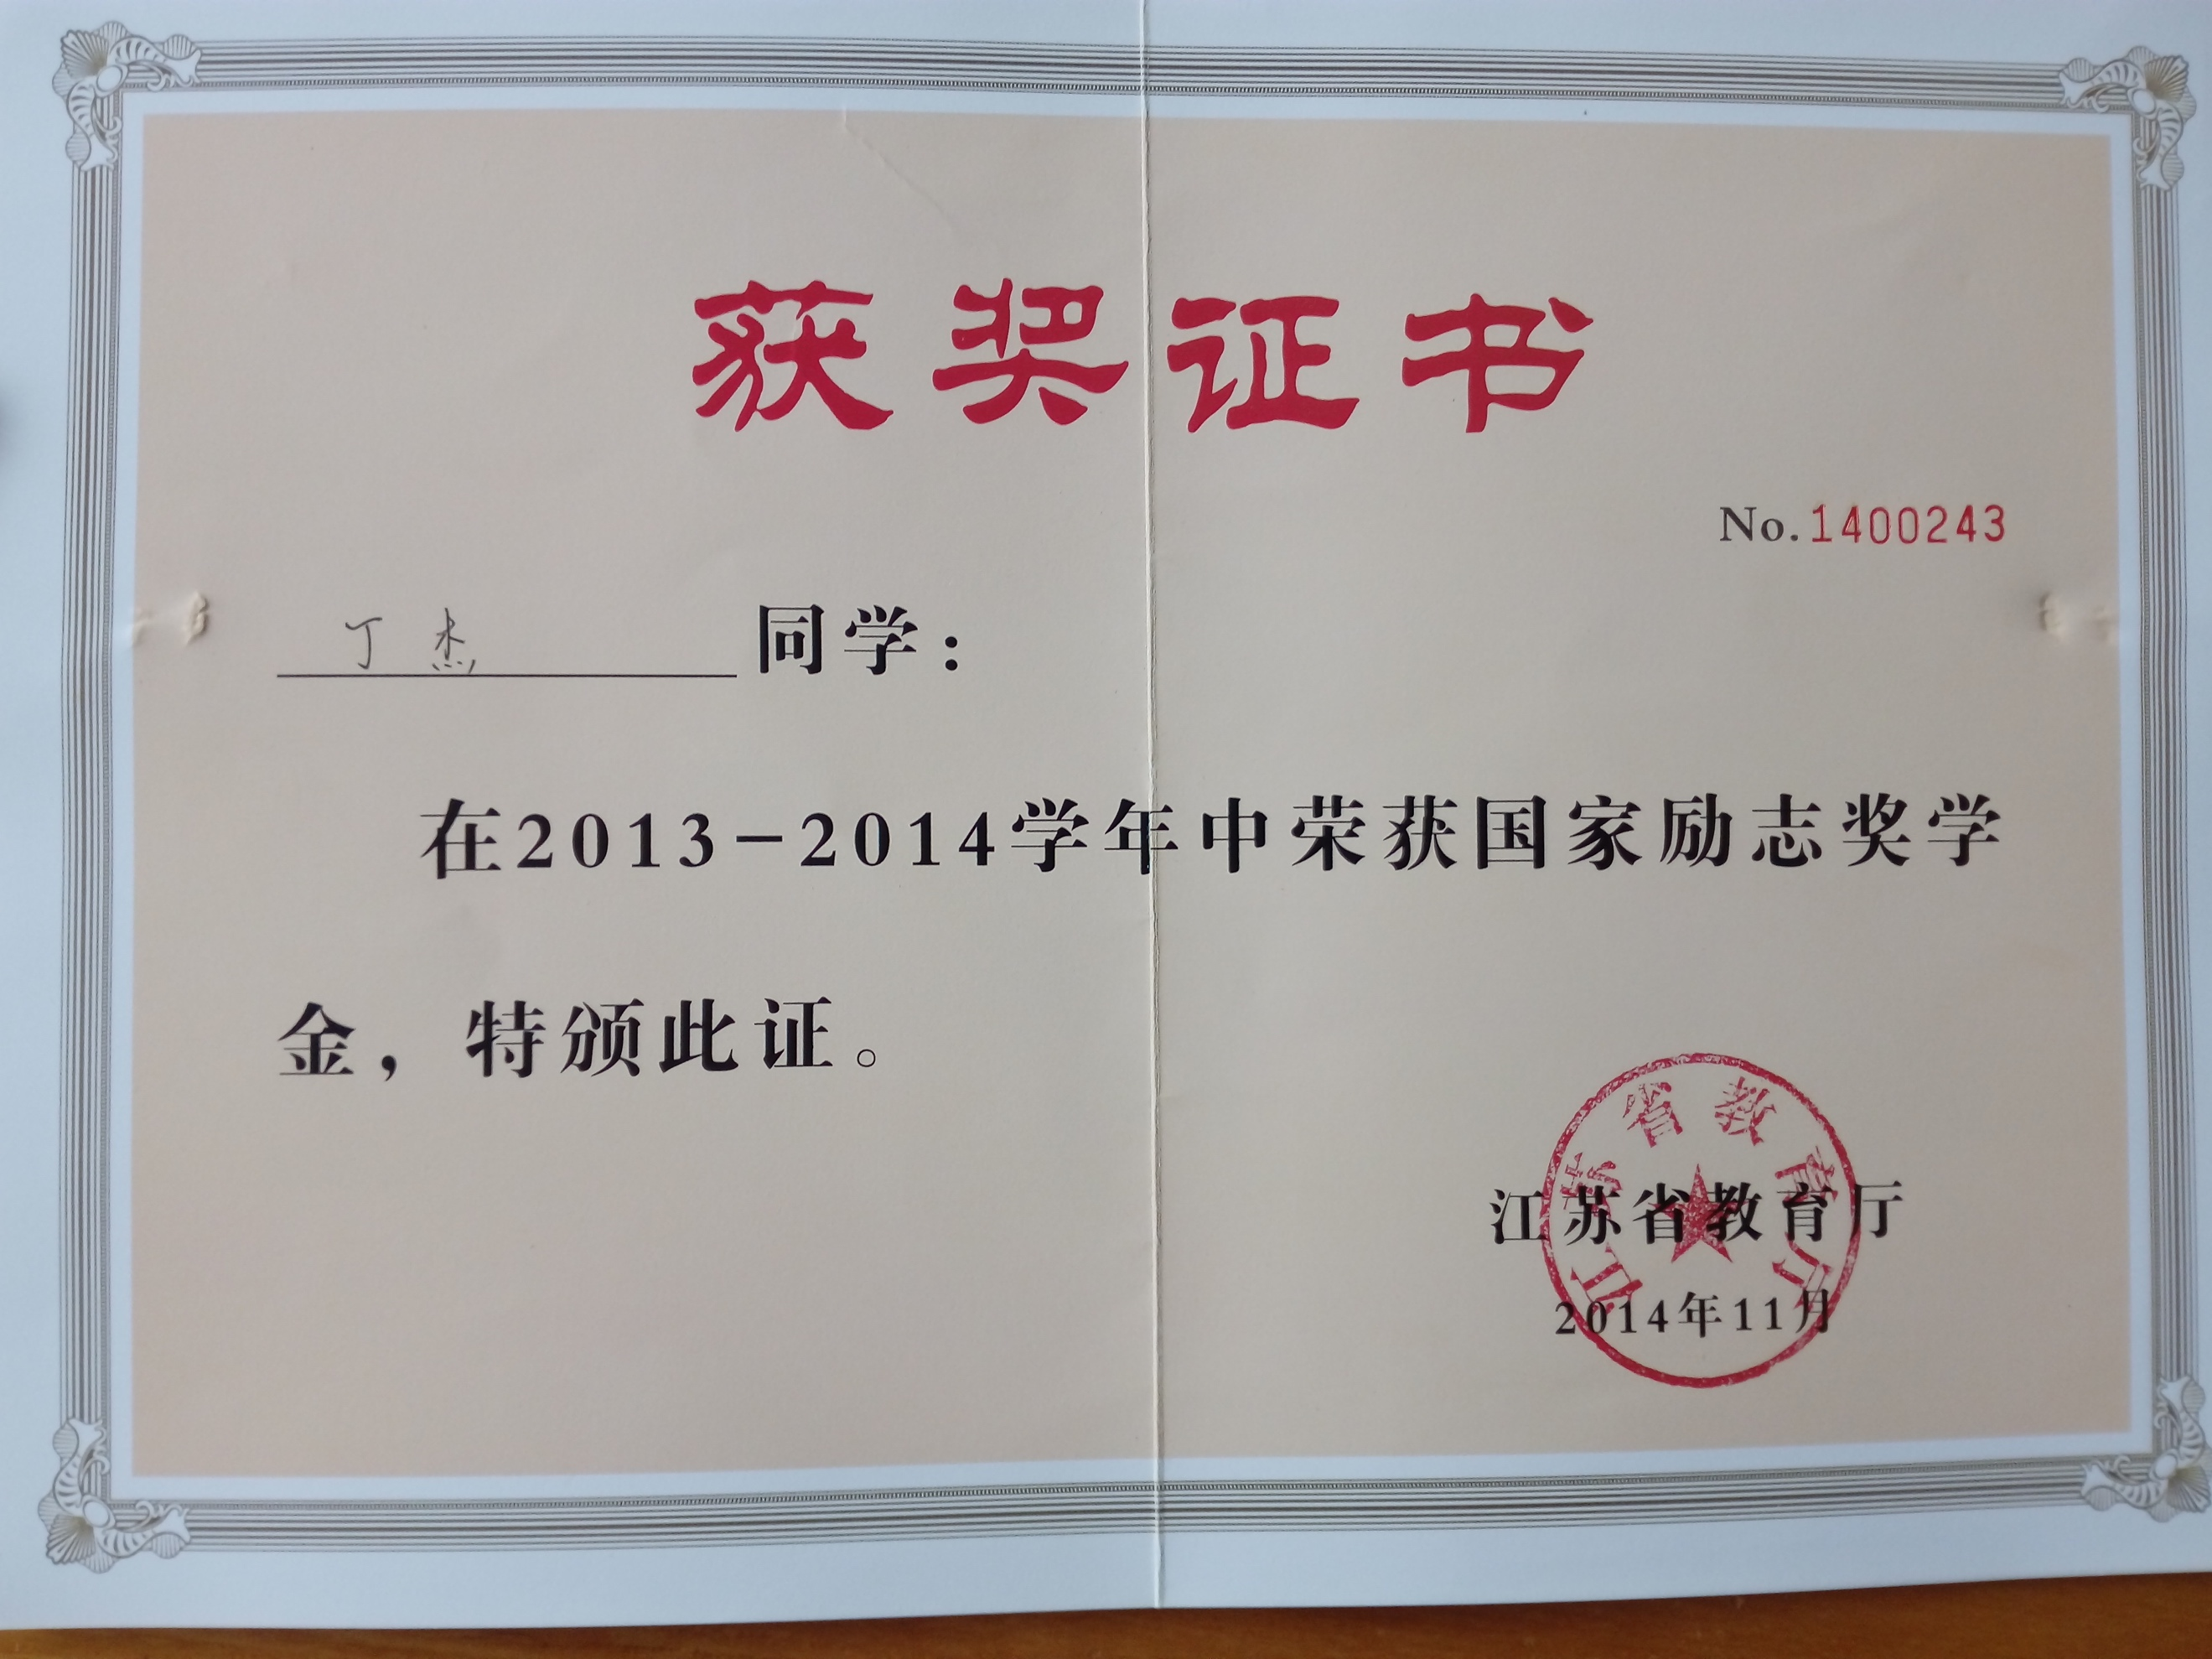 2013-2014年度国家奖学金.jpg